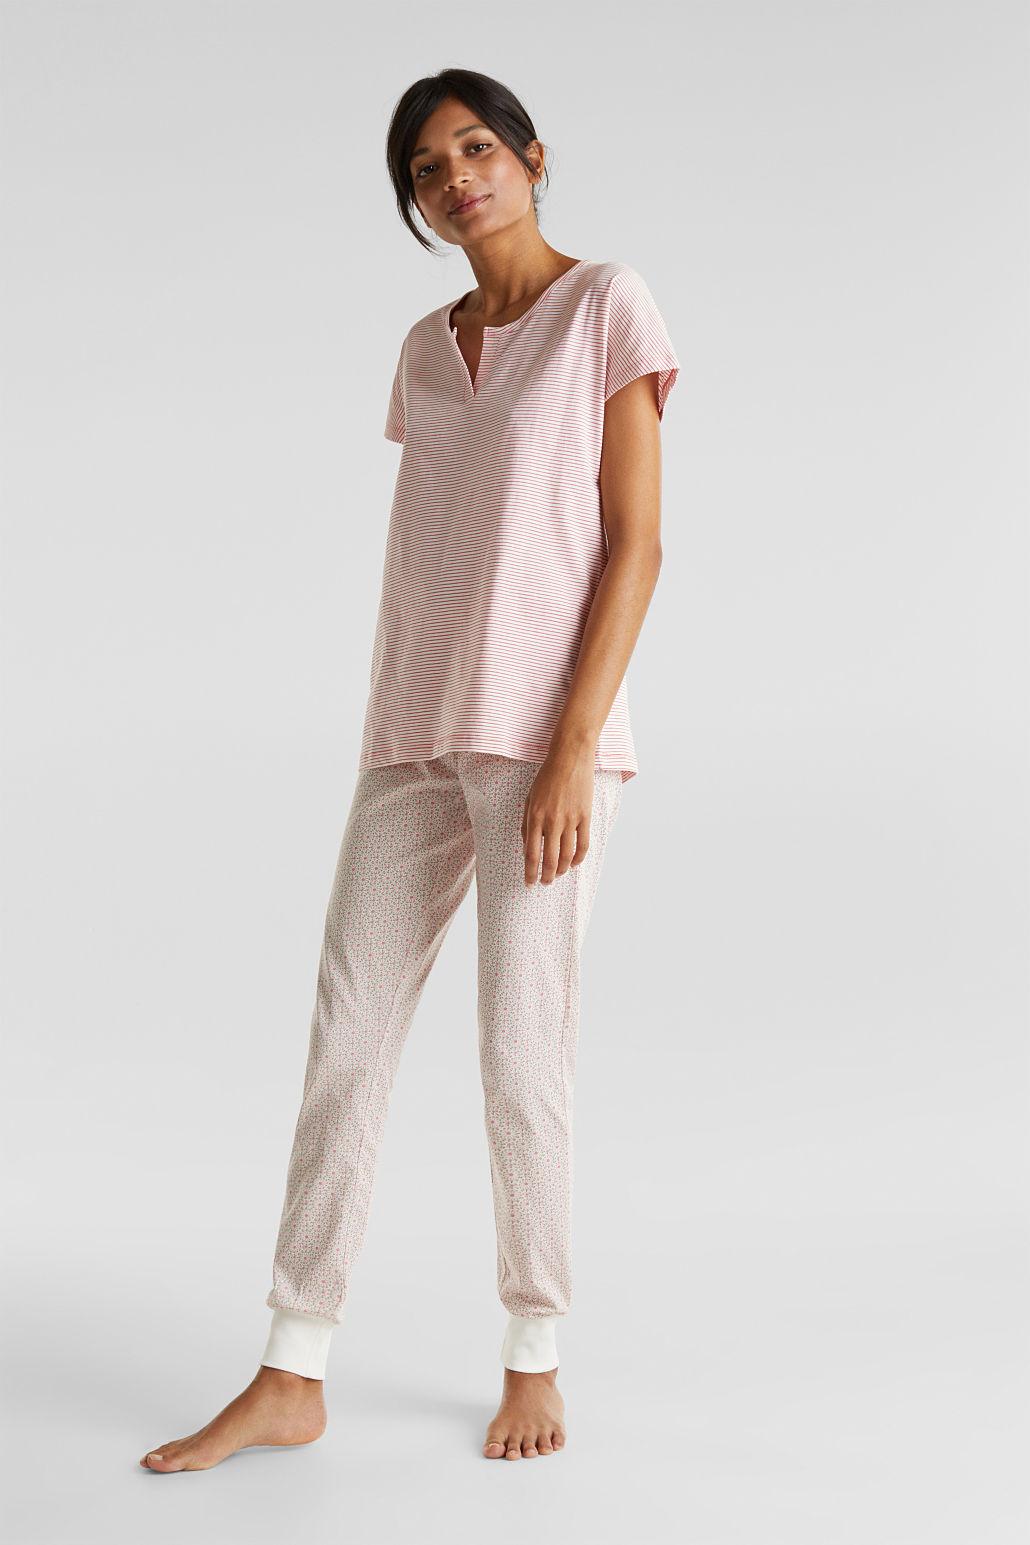 Esprit Banu Cas Pyjama dames